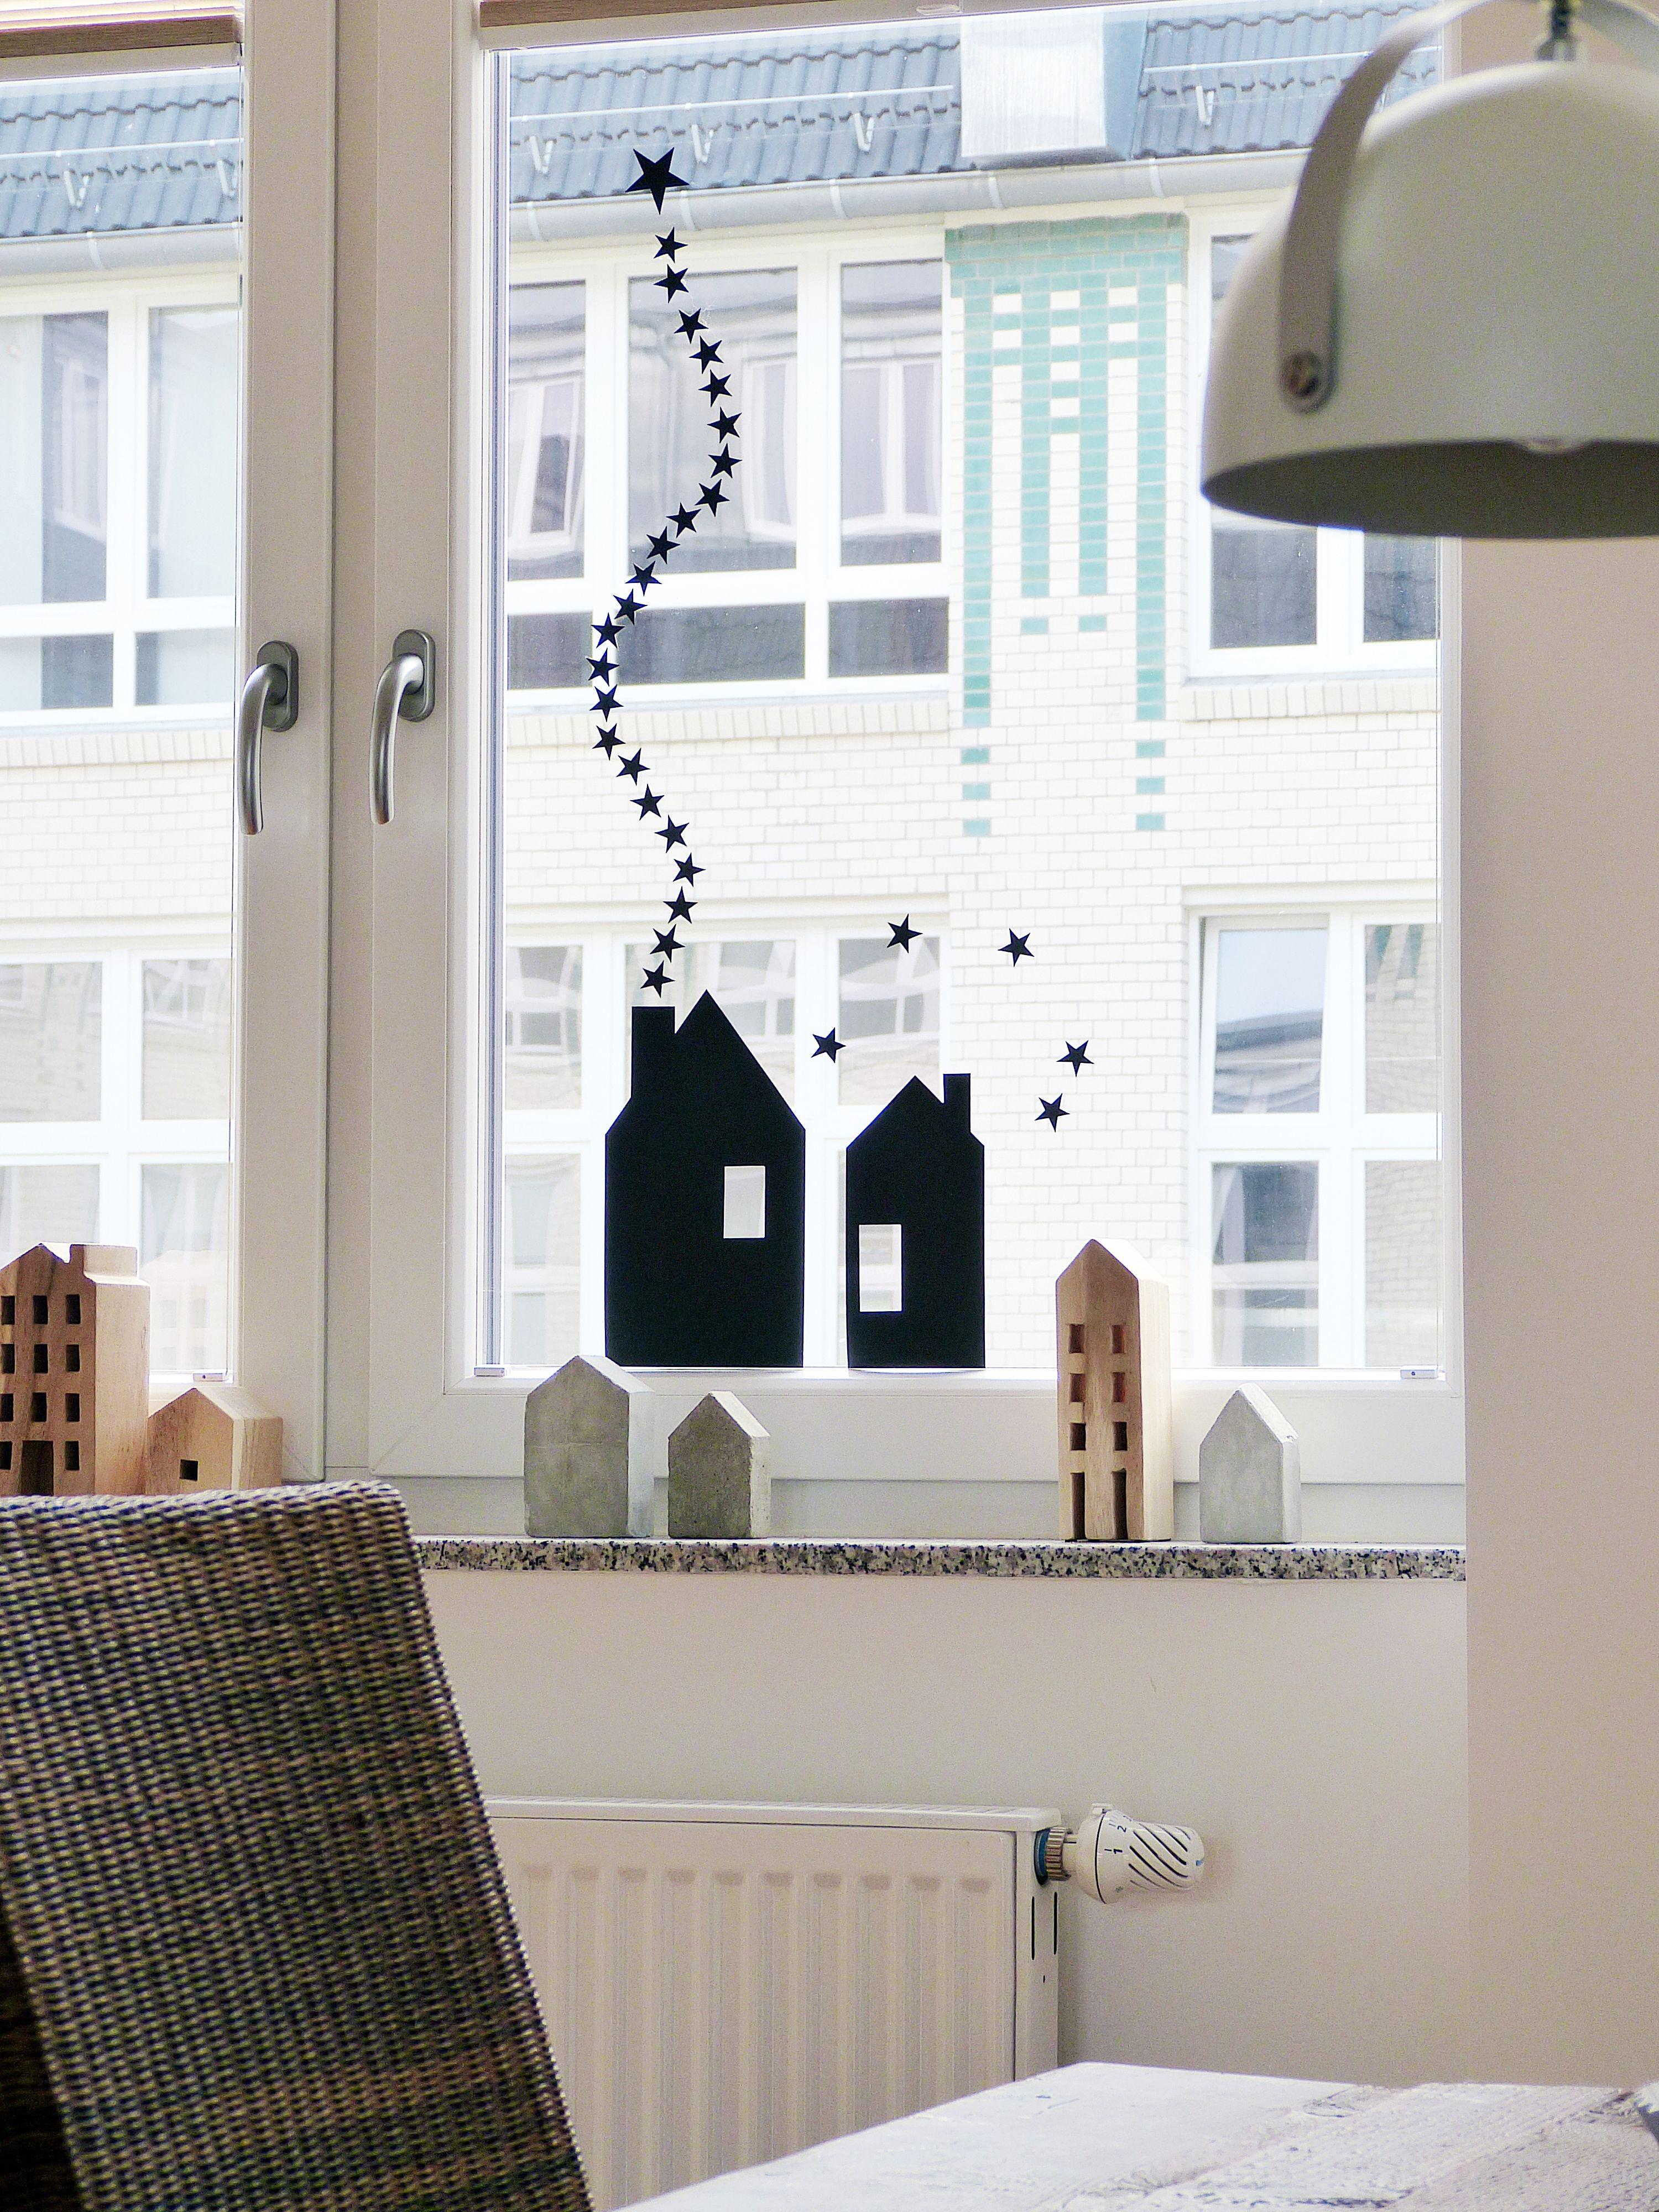 Perfekt Wir Haben Die Schönsten Do It Yourself Ideen Für Deine Wohnung ❤ Lass Dich